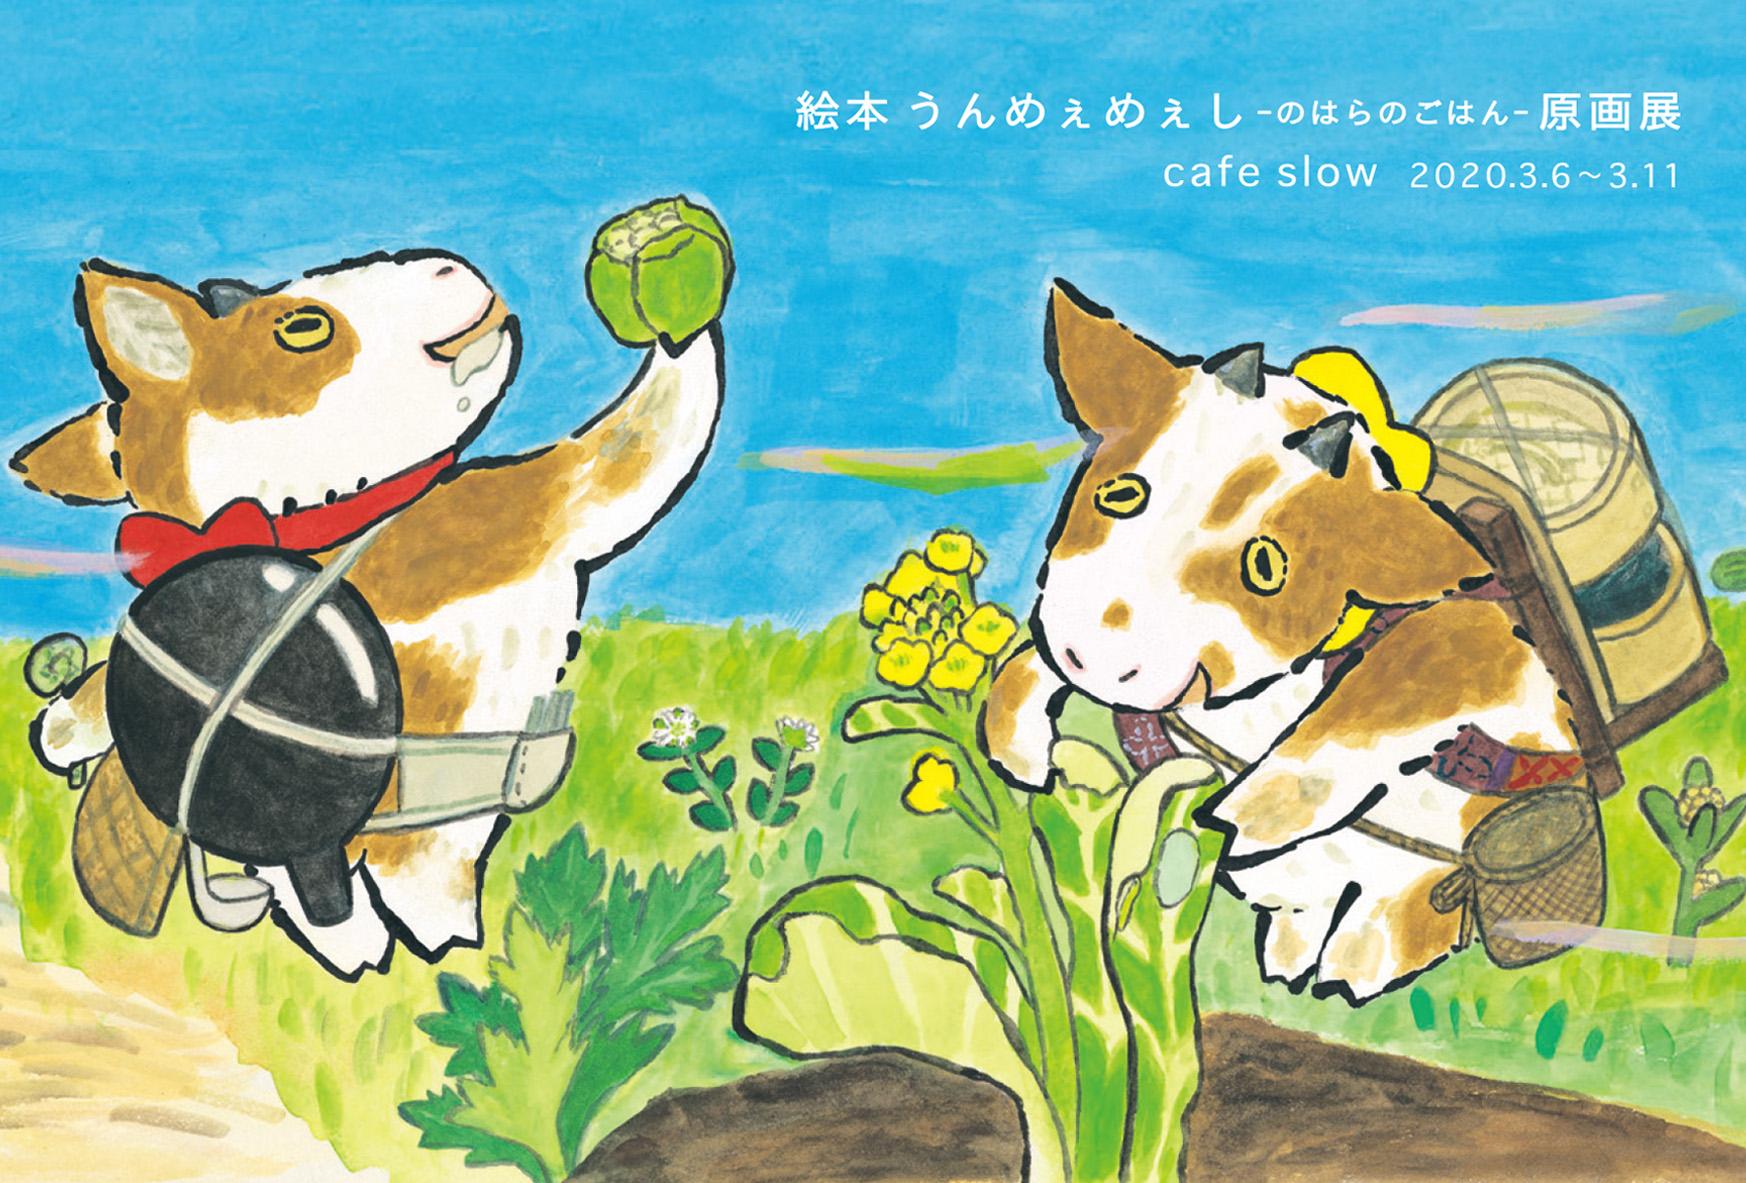 3/6(金)~11(水)絵本『うんめぇめぇし -のはらのごはん- 』原画展